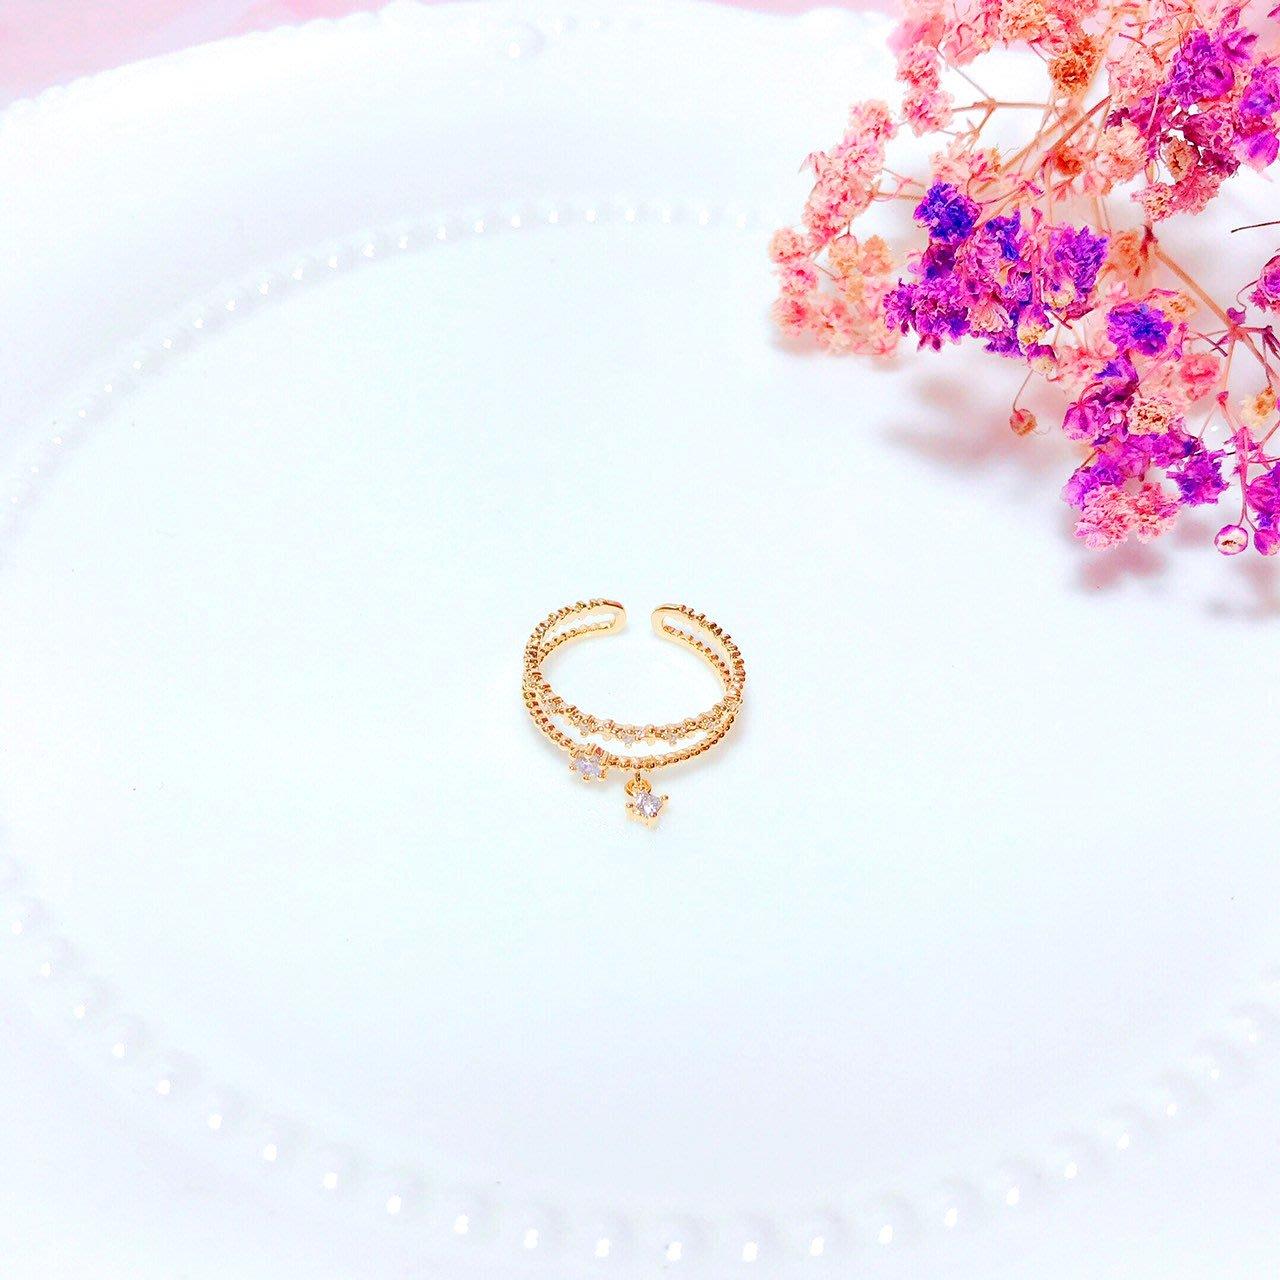 韓國❤️雙層 排鑽 垂墜 水鑽 可調節 造型 戒指【Verinas韓系美飾】